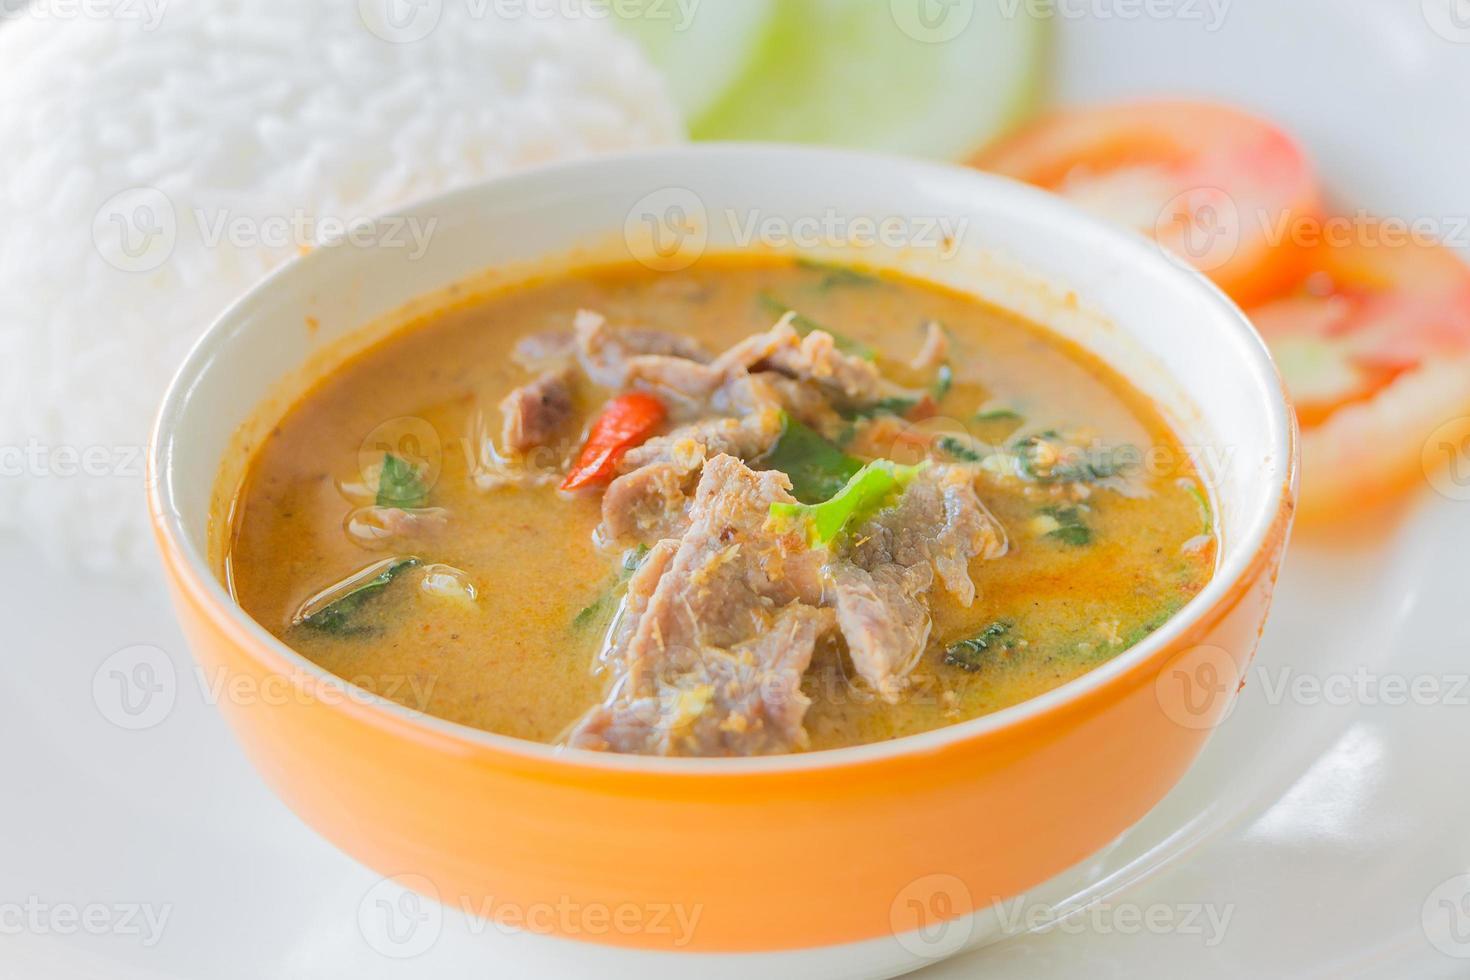 rode curry met rundvlees foto